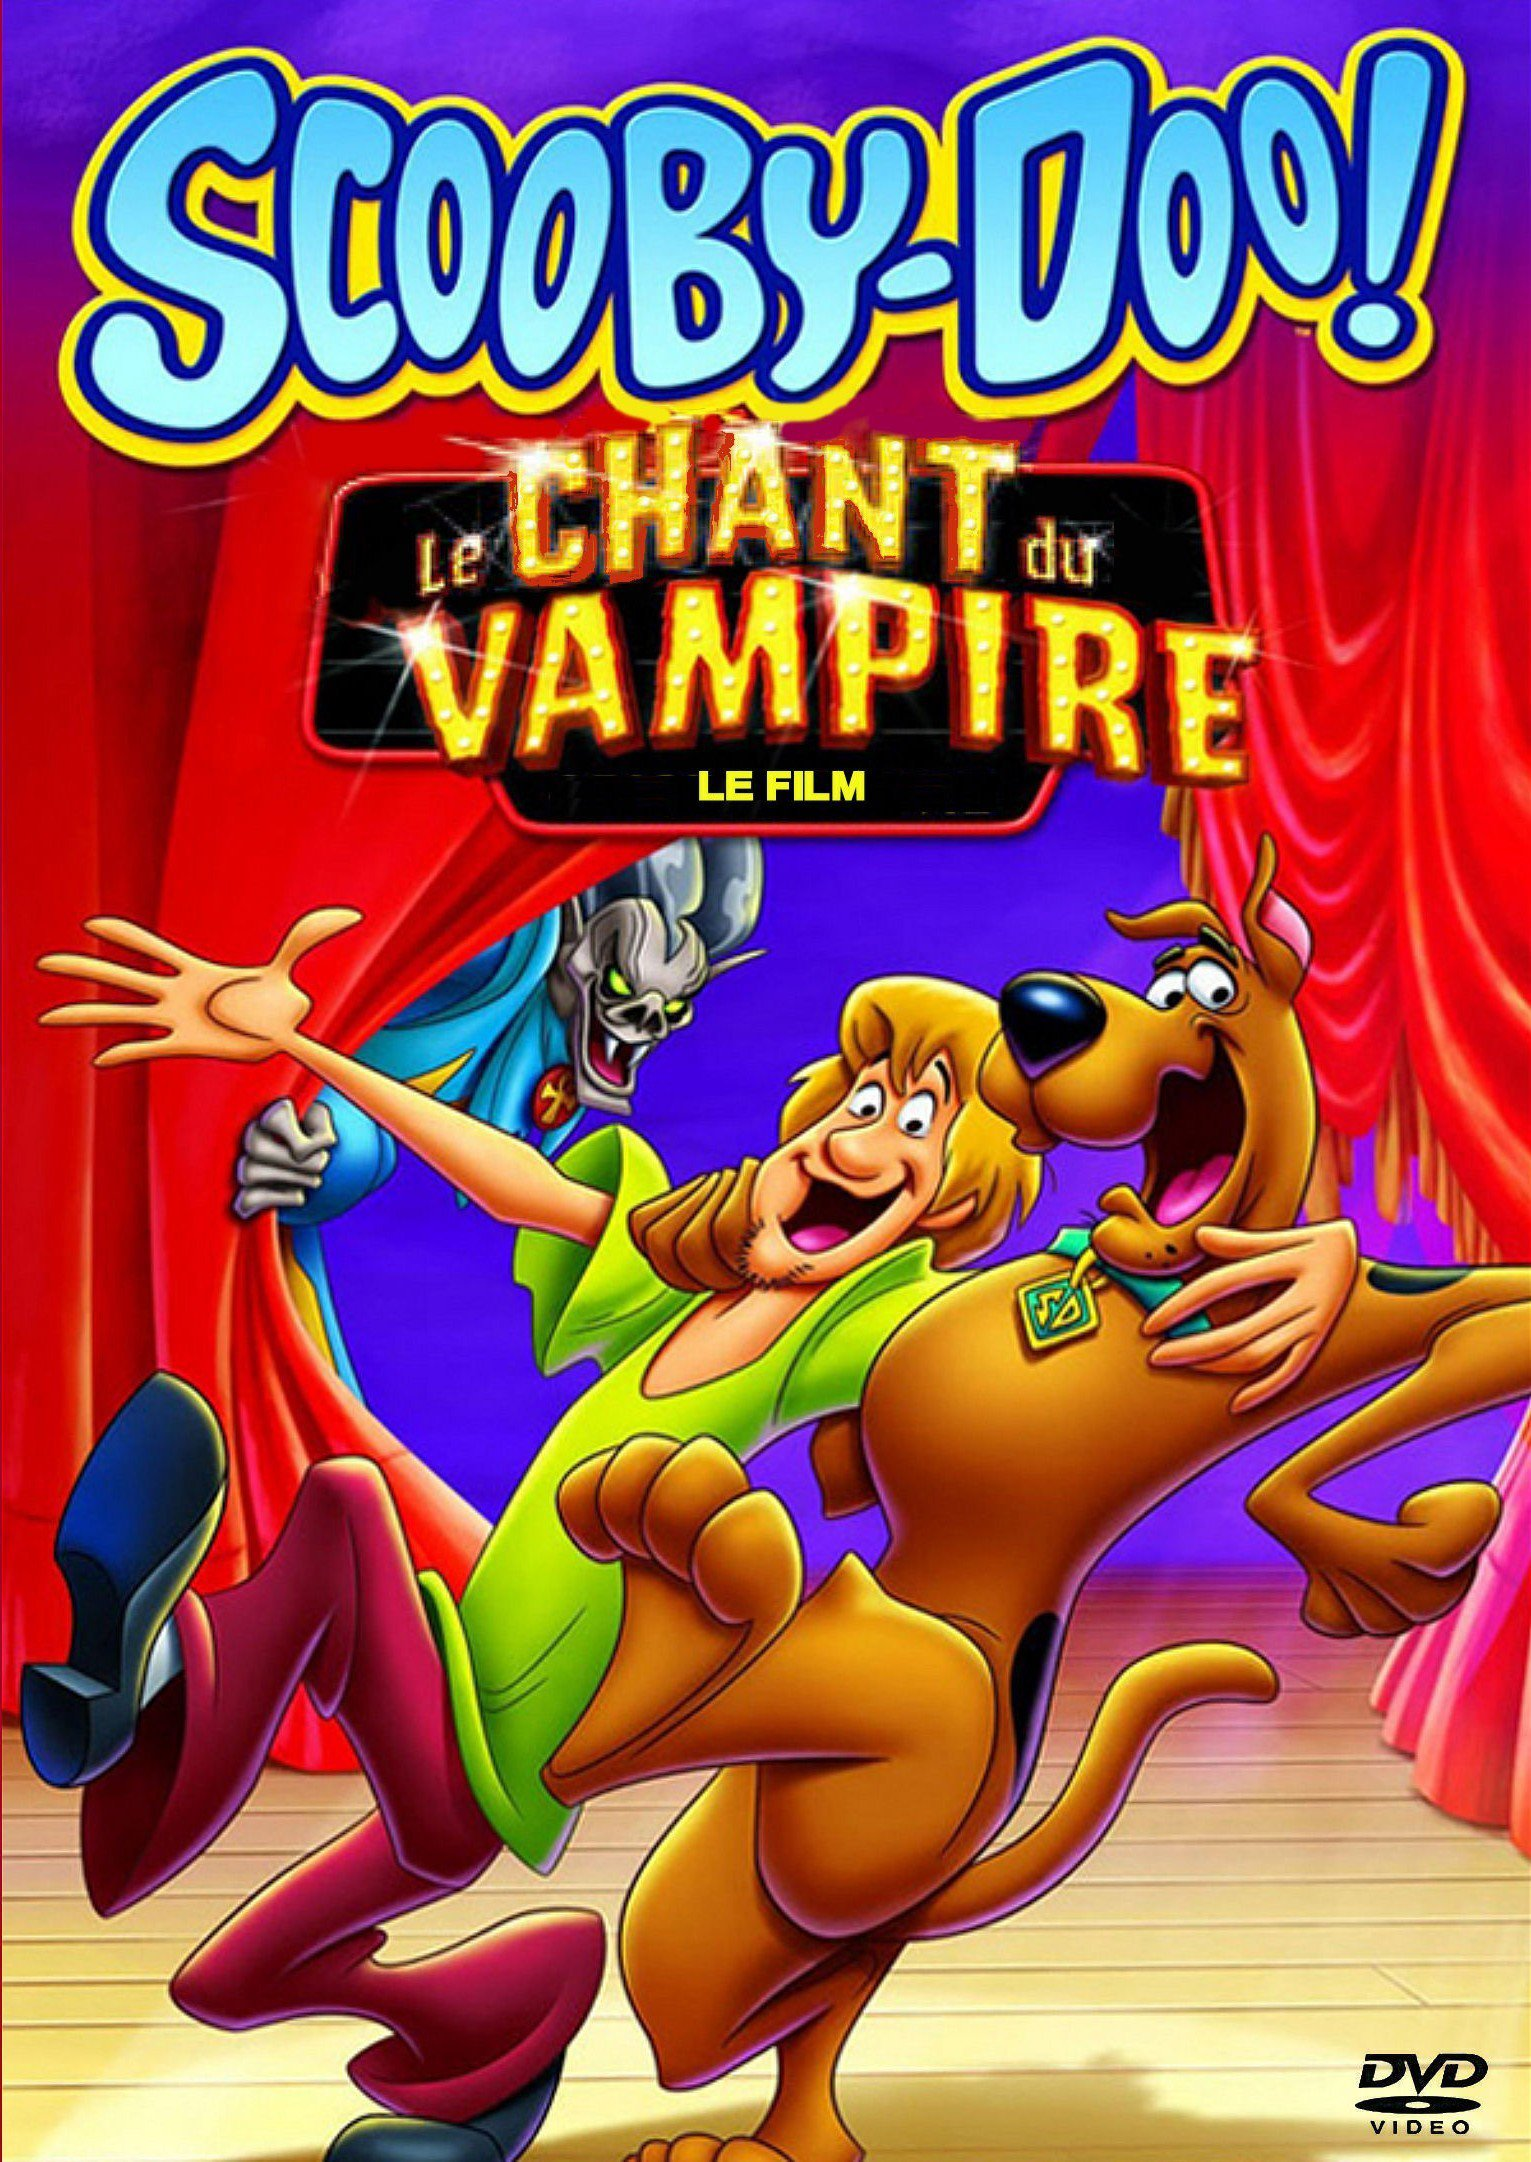 affiche du film Scooby-Doo: Le chant du vampire